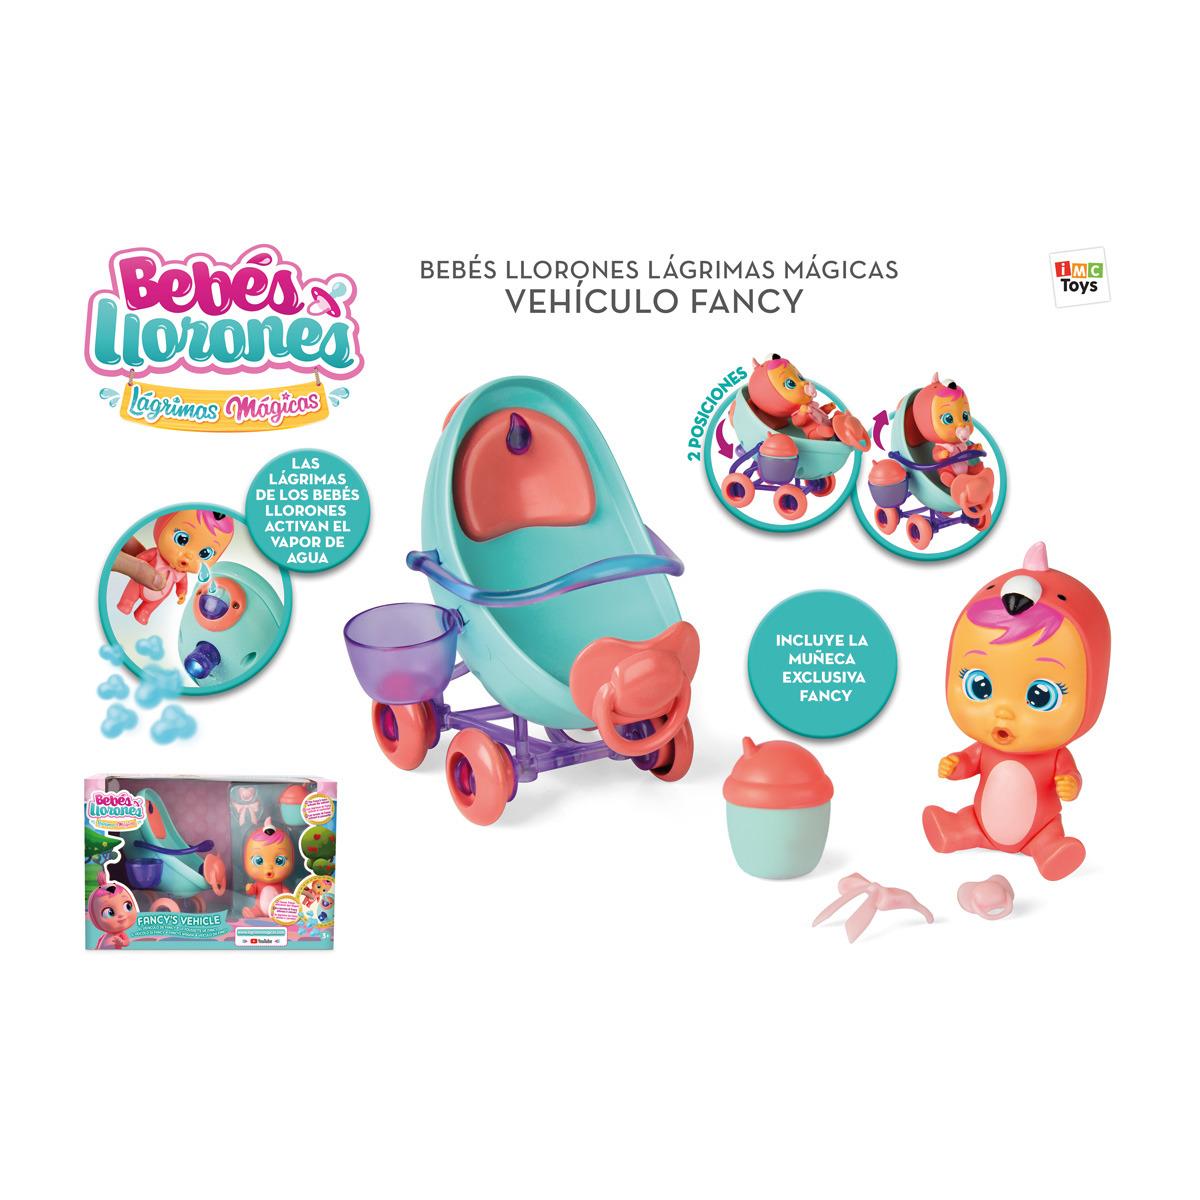 BEBES LLORONES VEHICULO DE FANCY 97957IM - N63319